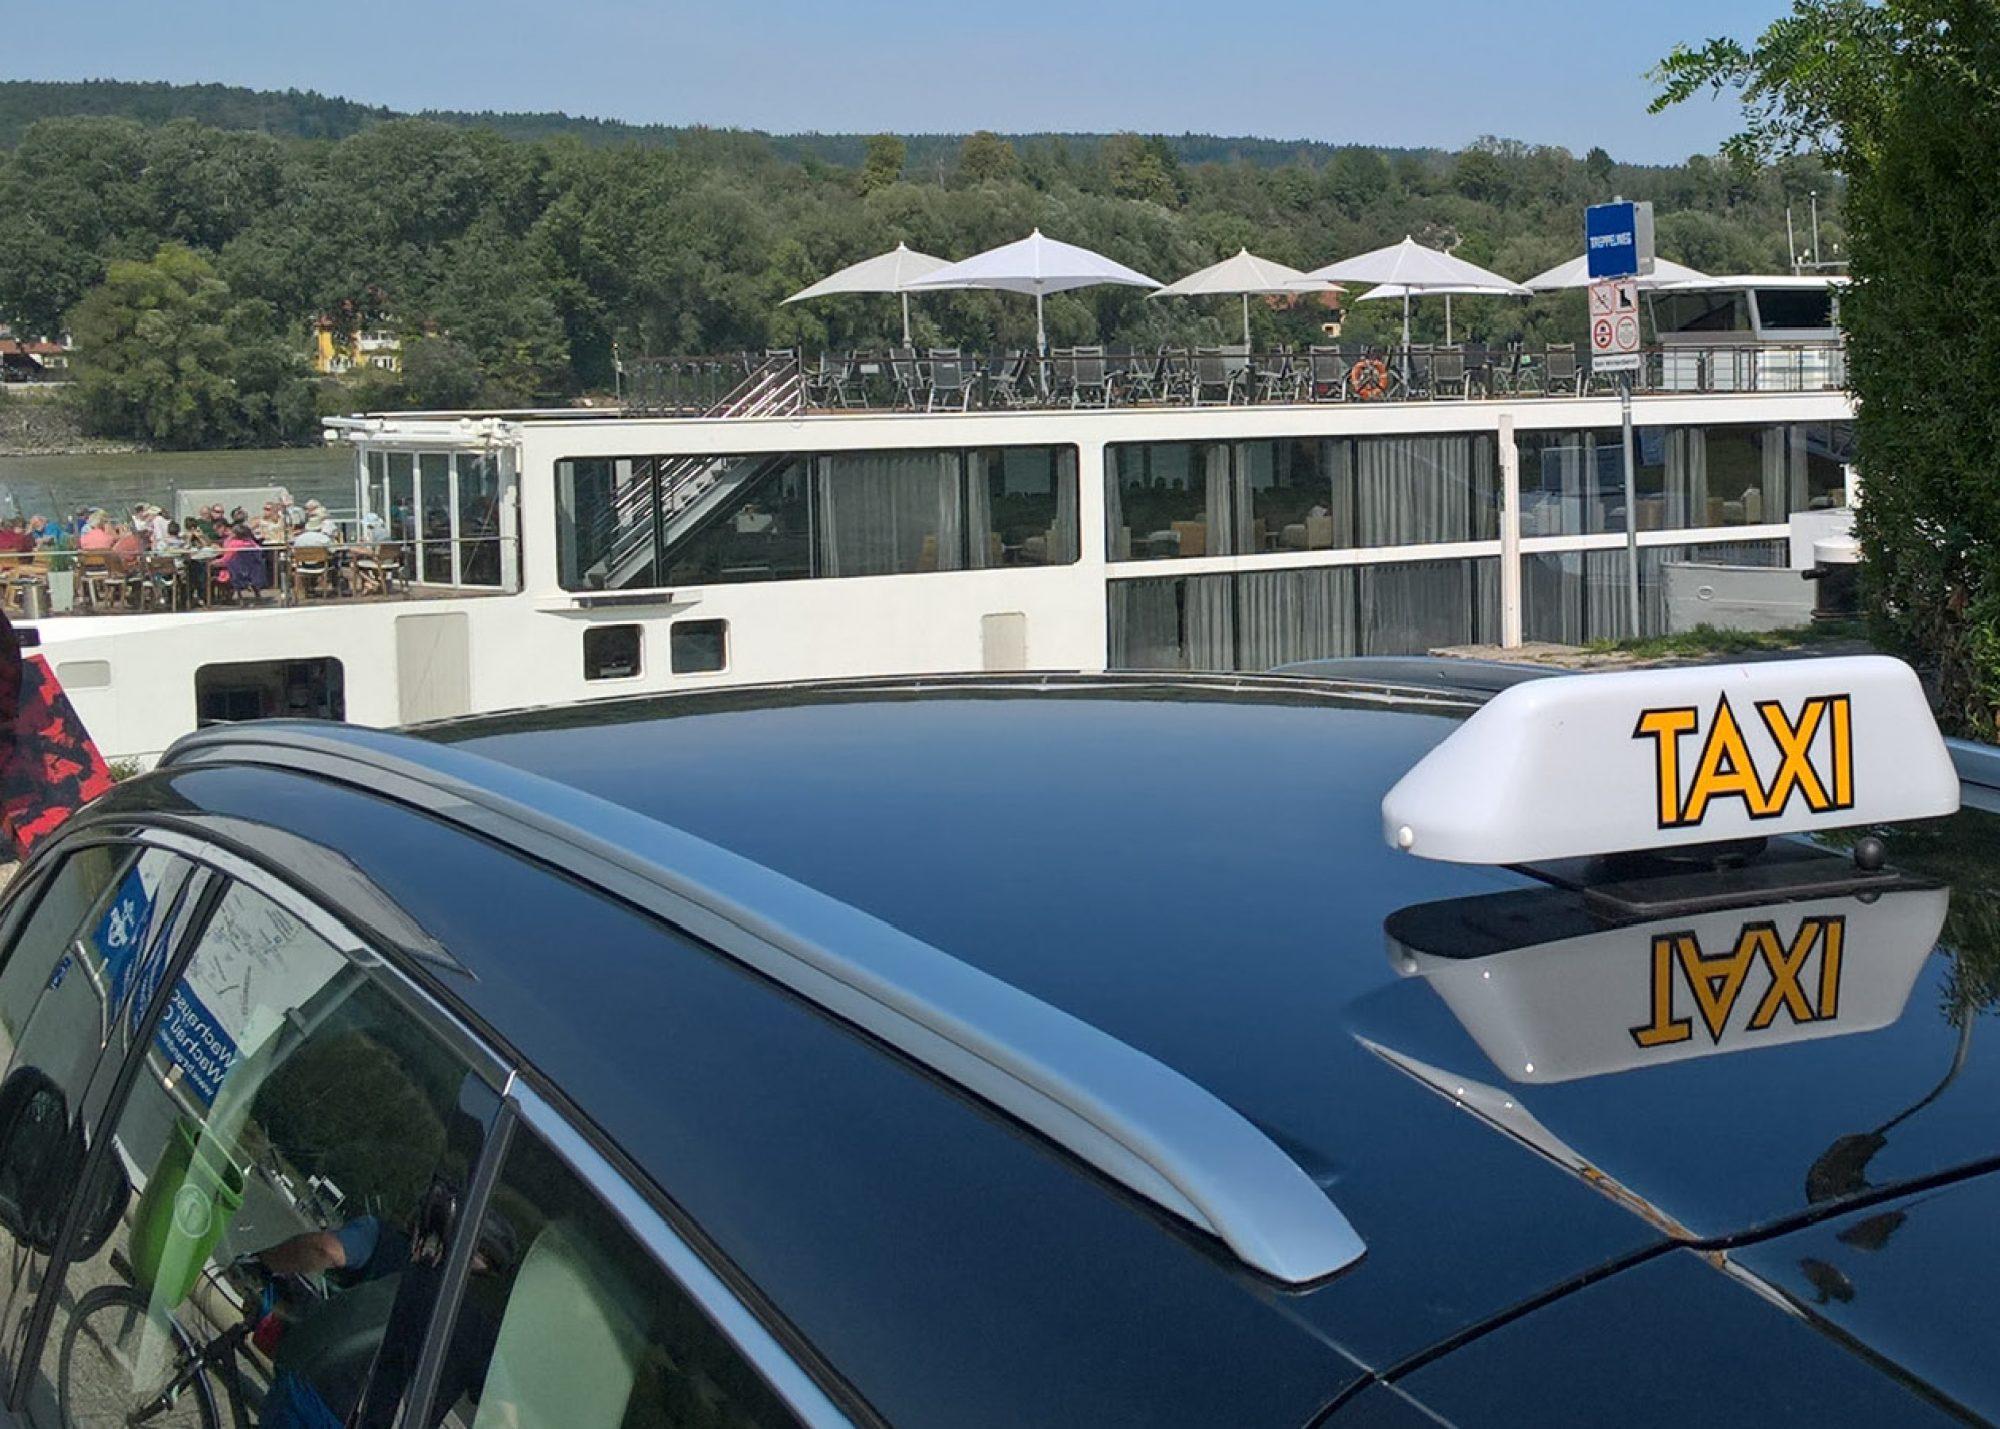 Taxi Amstetten 66662 | Ihr 24 Stunden Taxi in der Stadt und im Bezirk | +436766660220 | StadtTaxi Amstetten e.U.